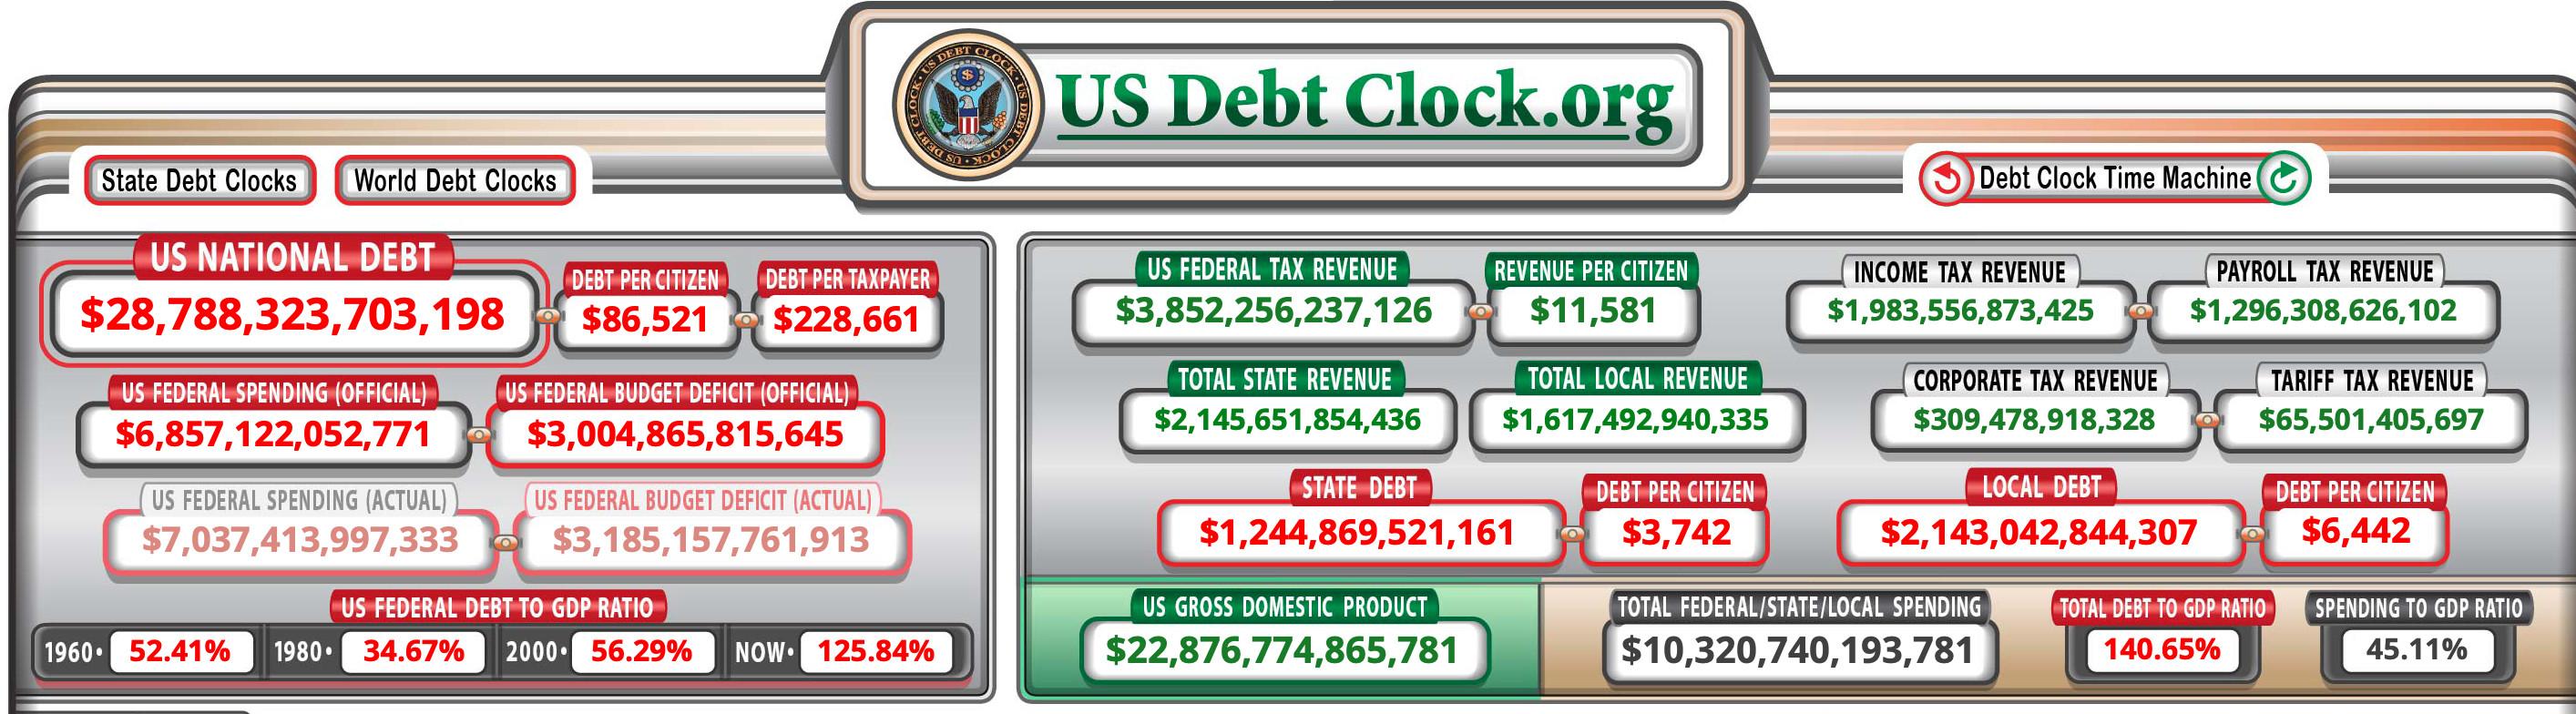 恒大,次貸風暴,葉倫,債務違約,金融風暴,中國,房地產,雷曼兄弟,美國,民主黨,共和黨,債務上限